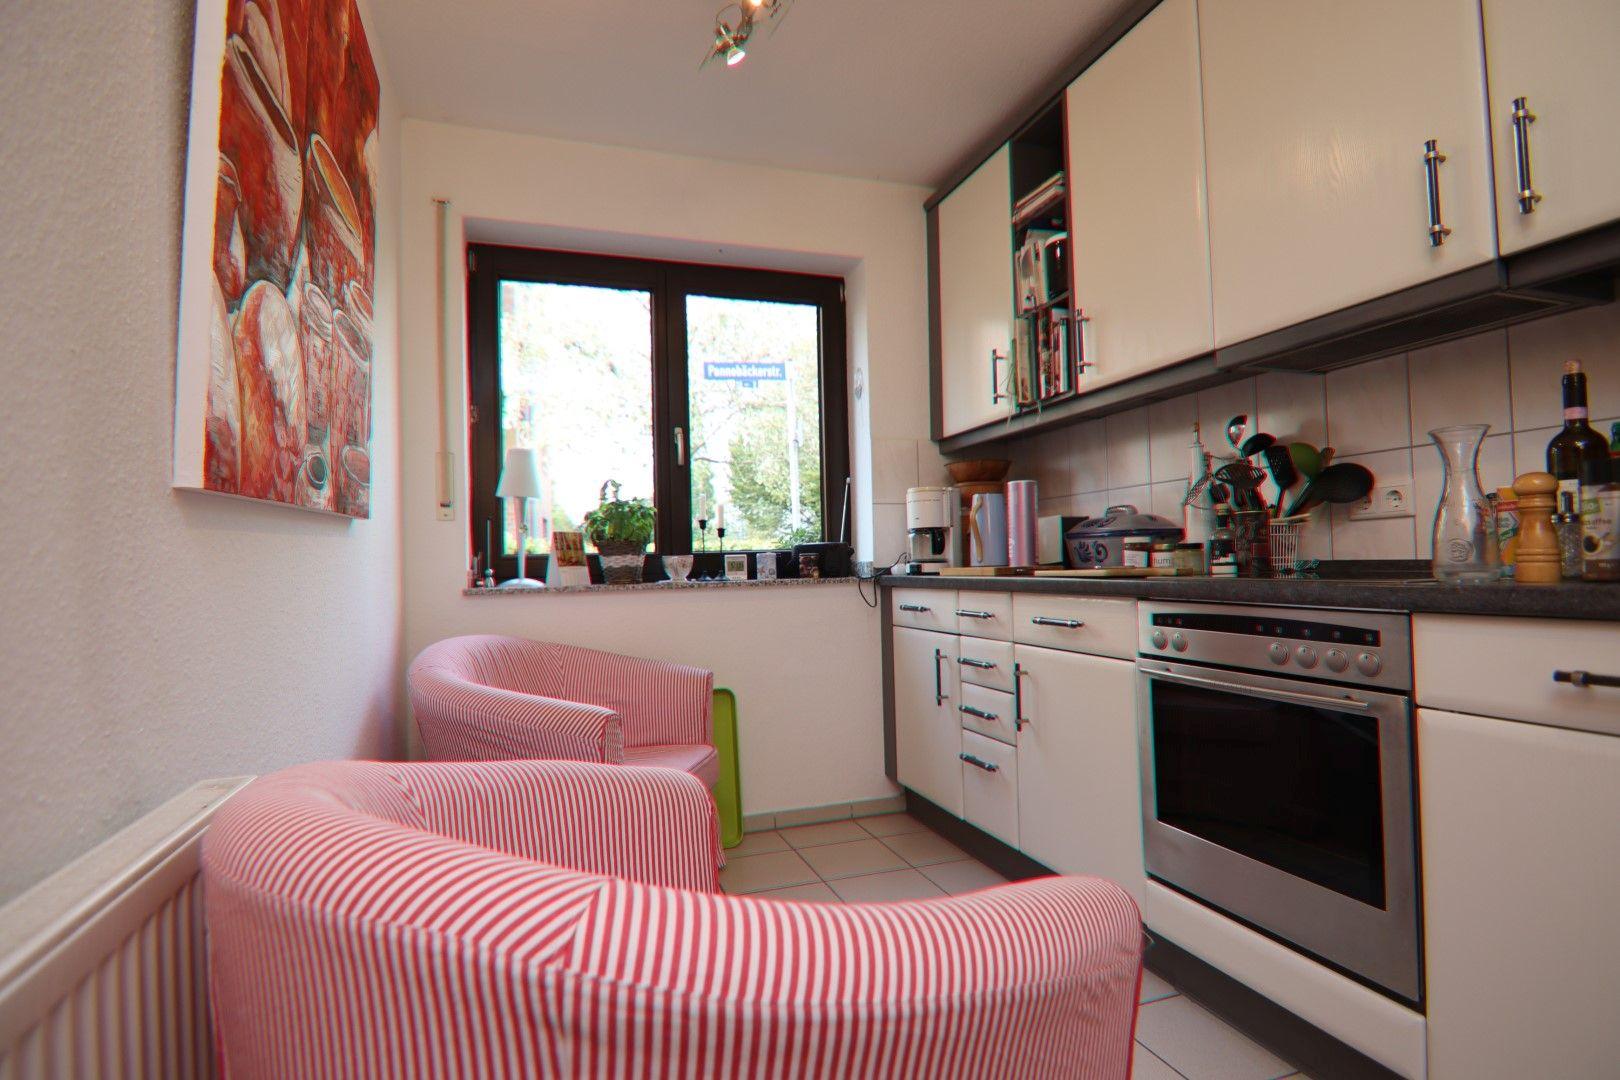 Immobilie Nr.0272 - Reiheneckhaus mit Garten, EBK u. Stellpl. - Bild 8.jpg